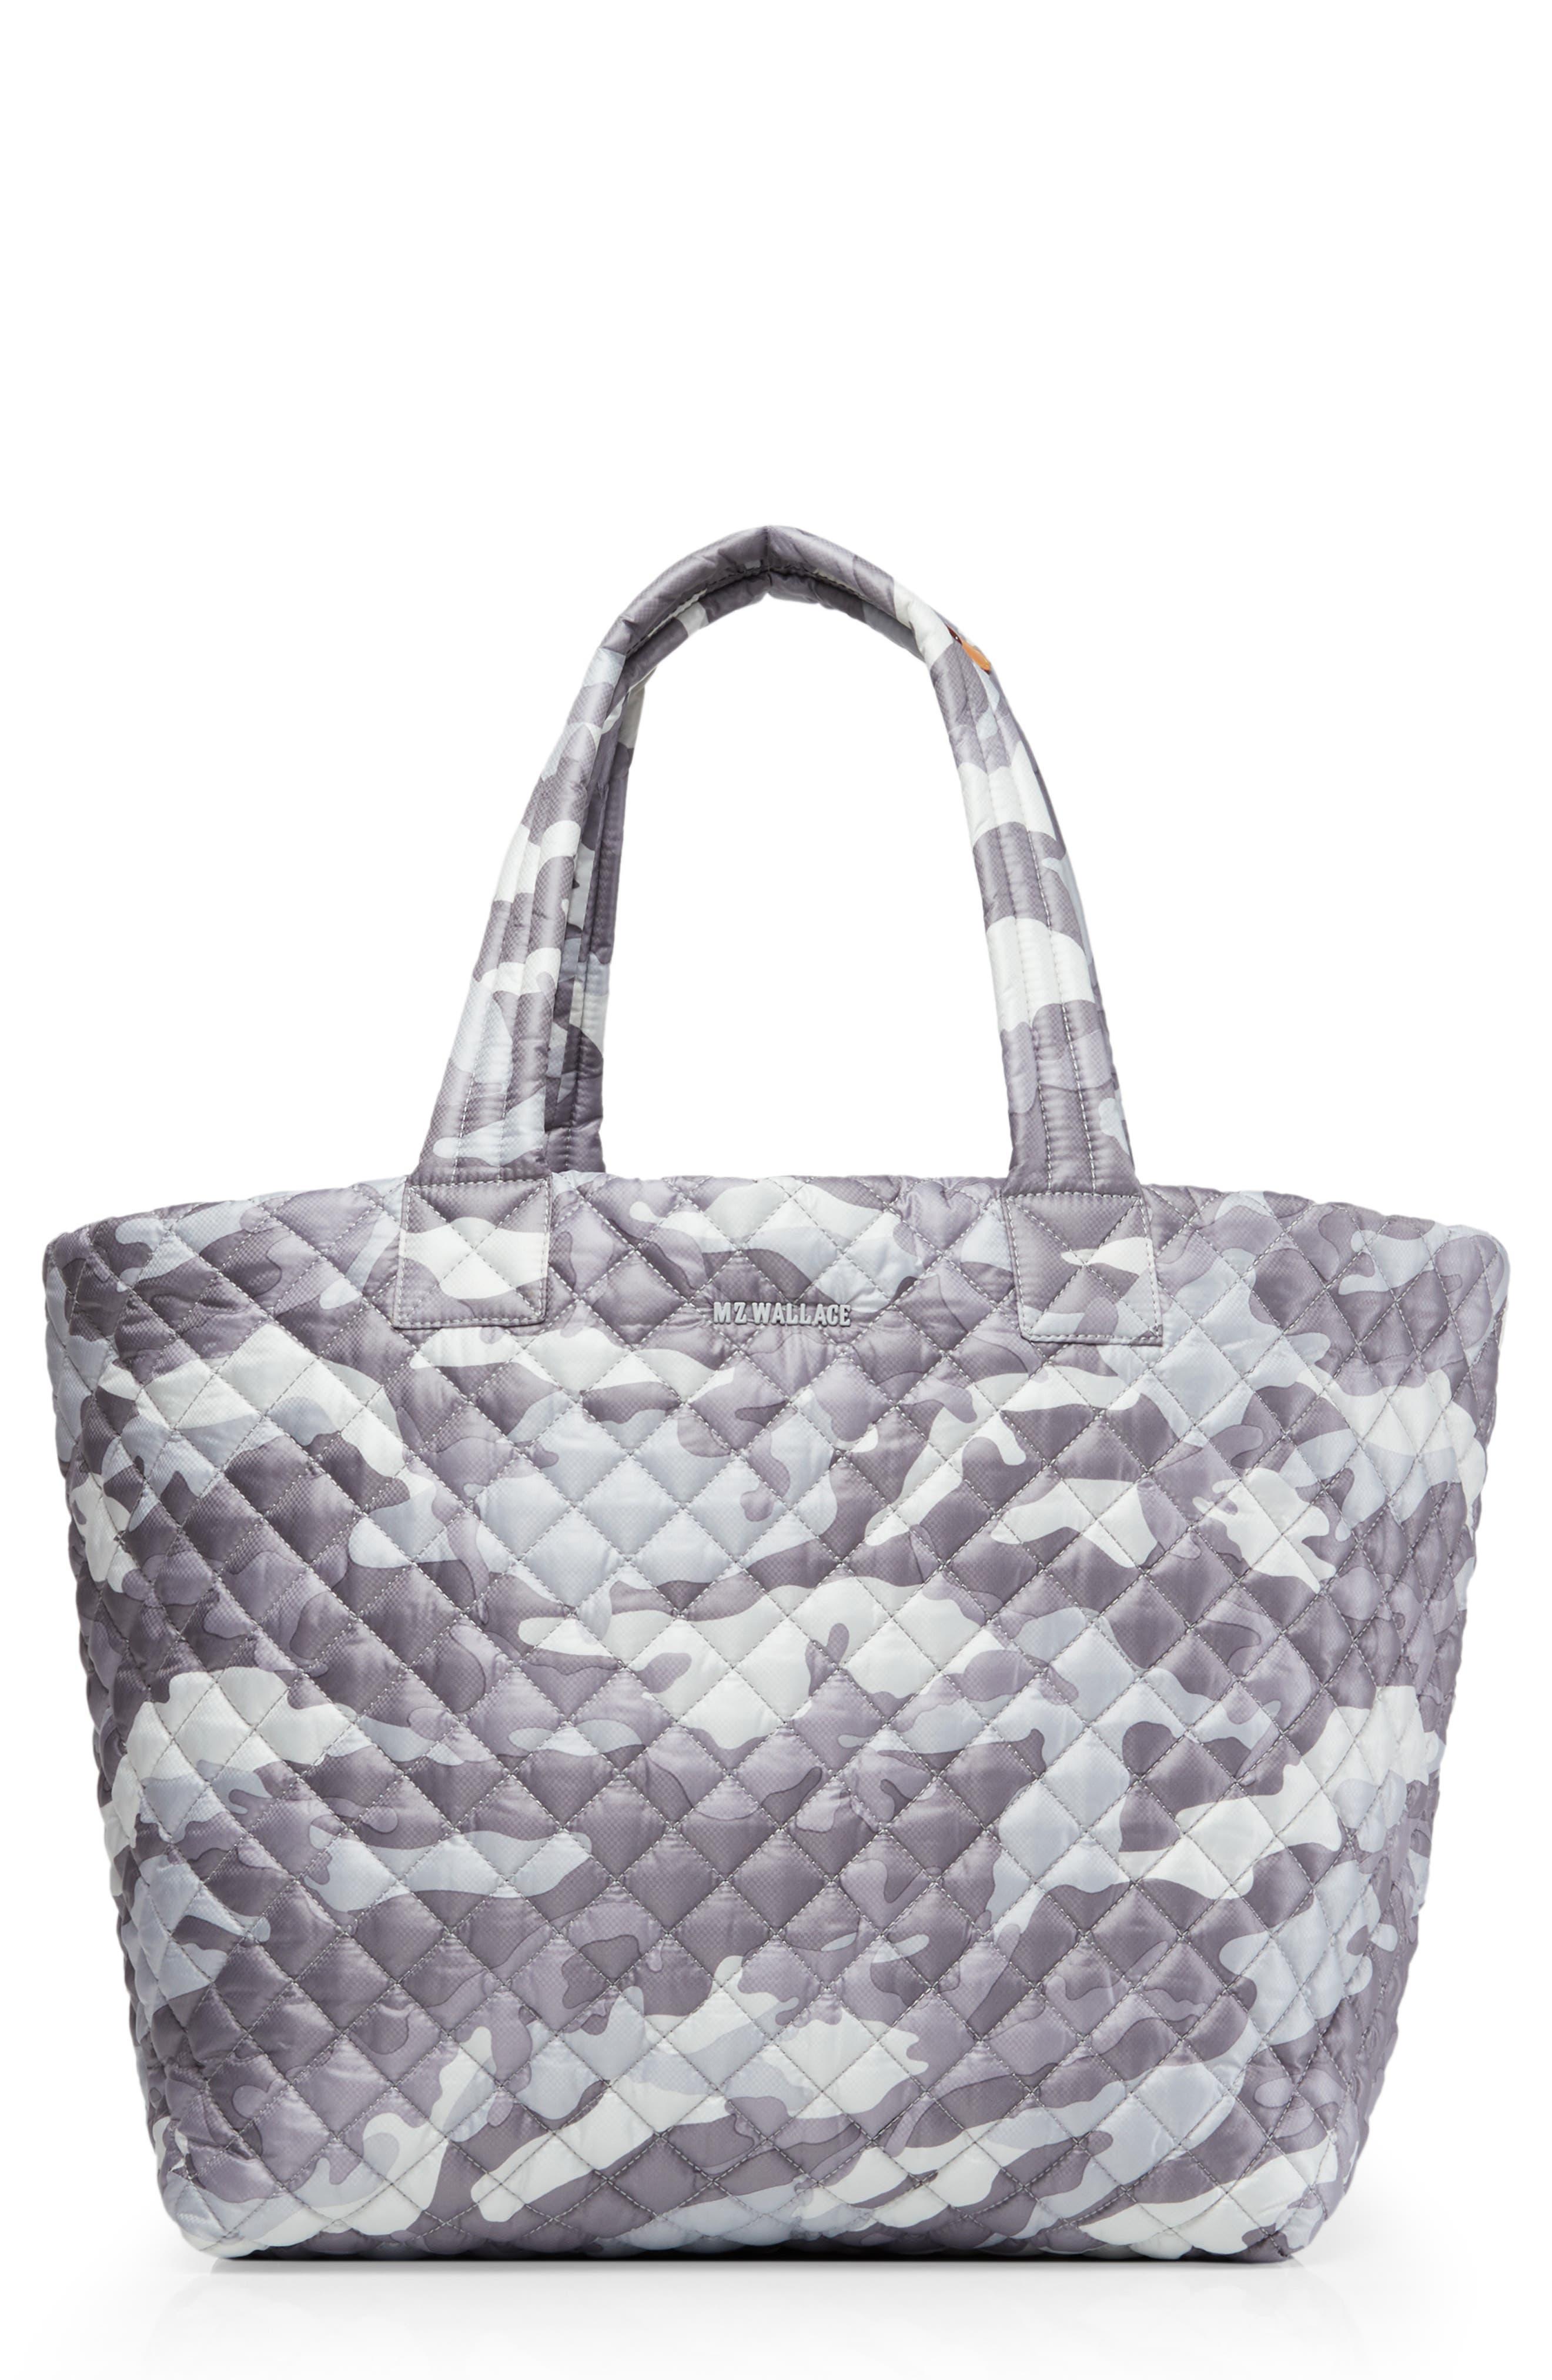 0d0dd538b1f2 Work Bags